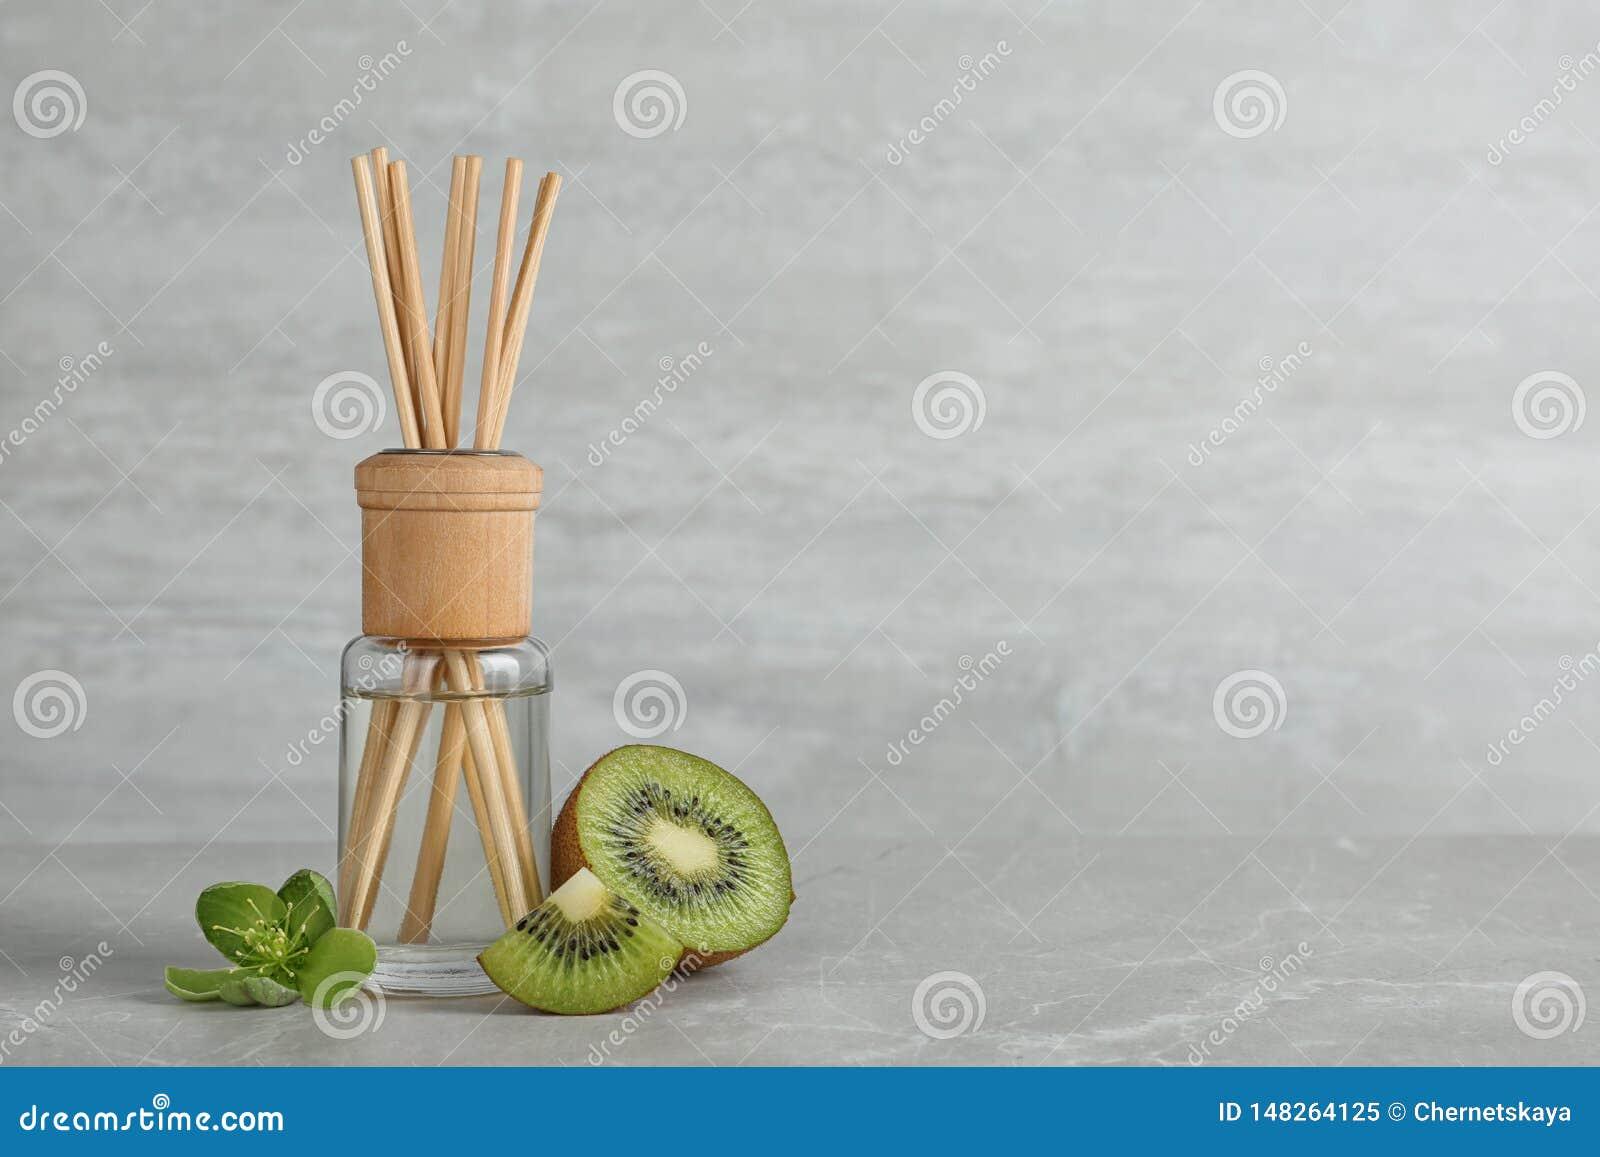 Ambientador y kiwi de lámina aromáticos en la tabla contra fondo gris